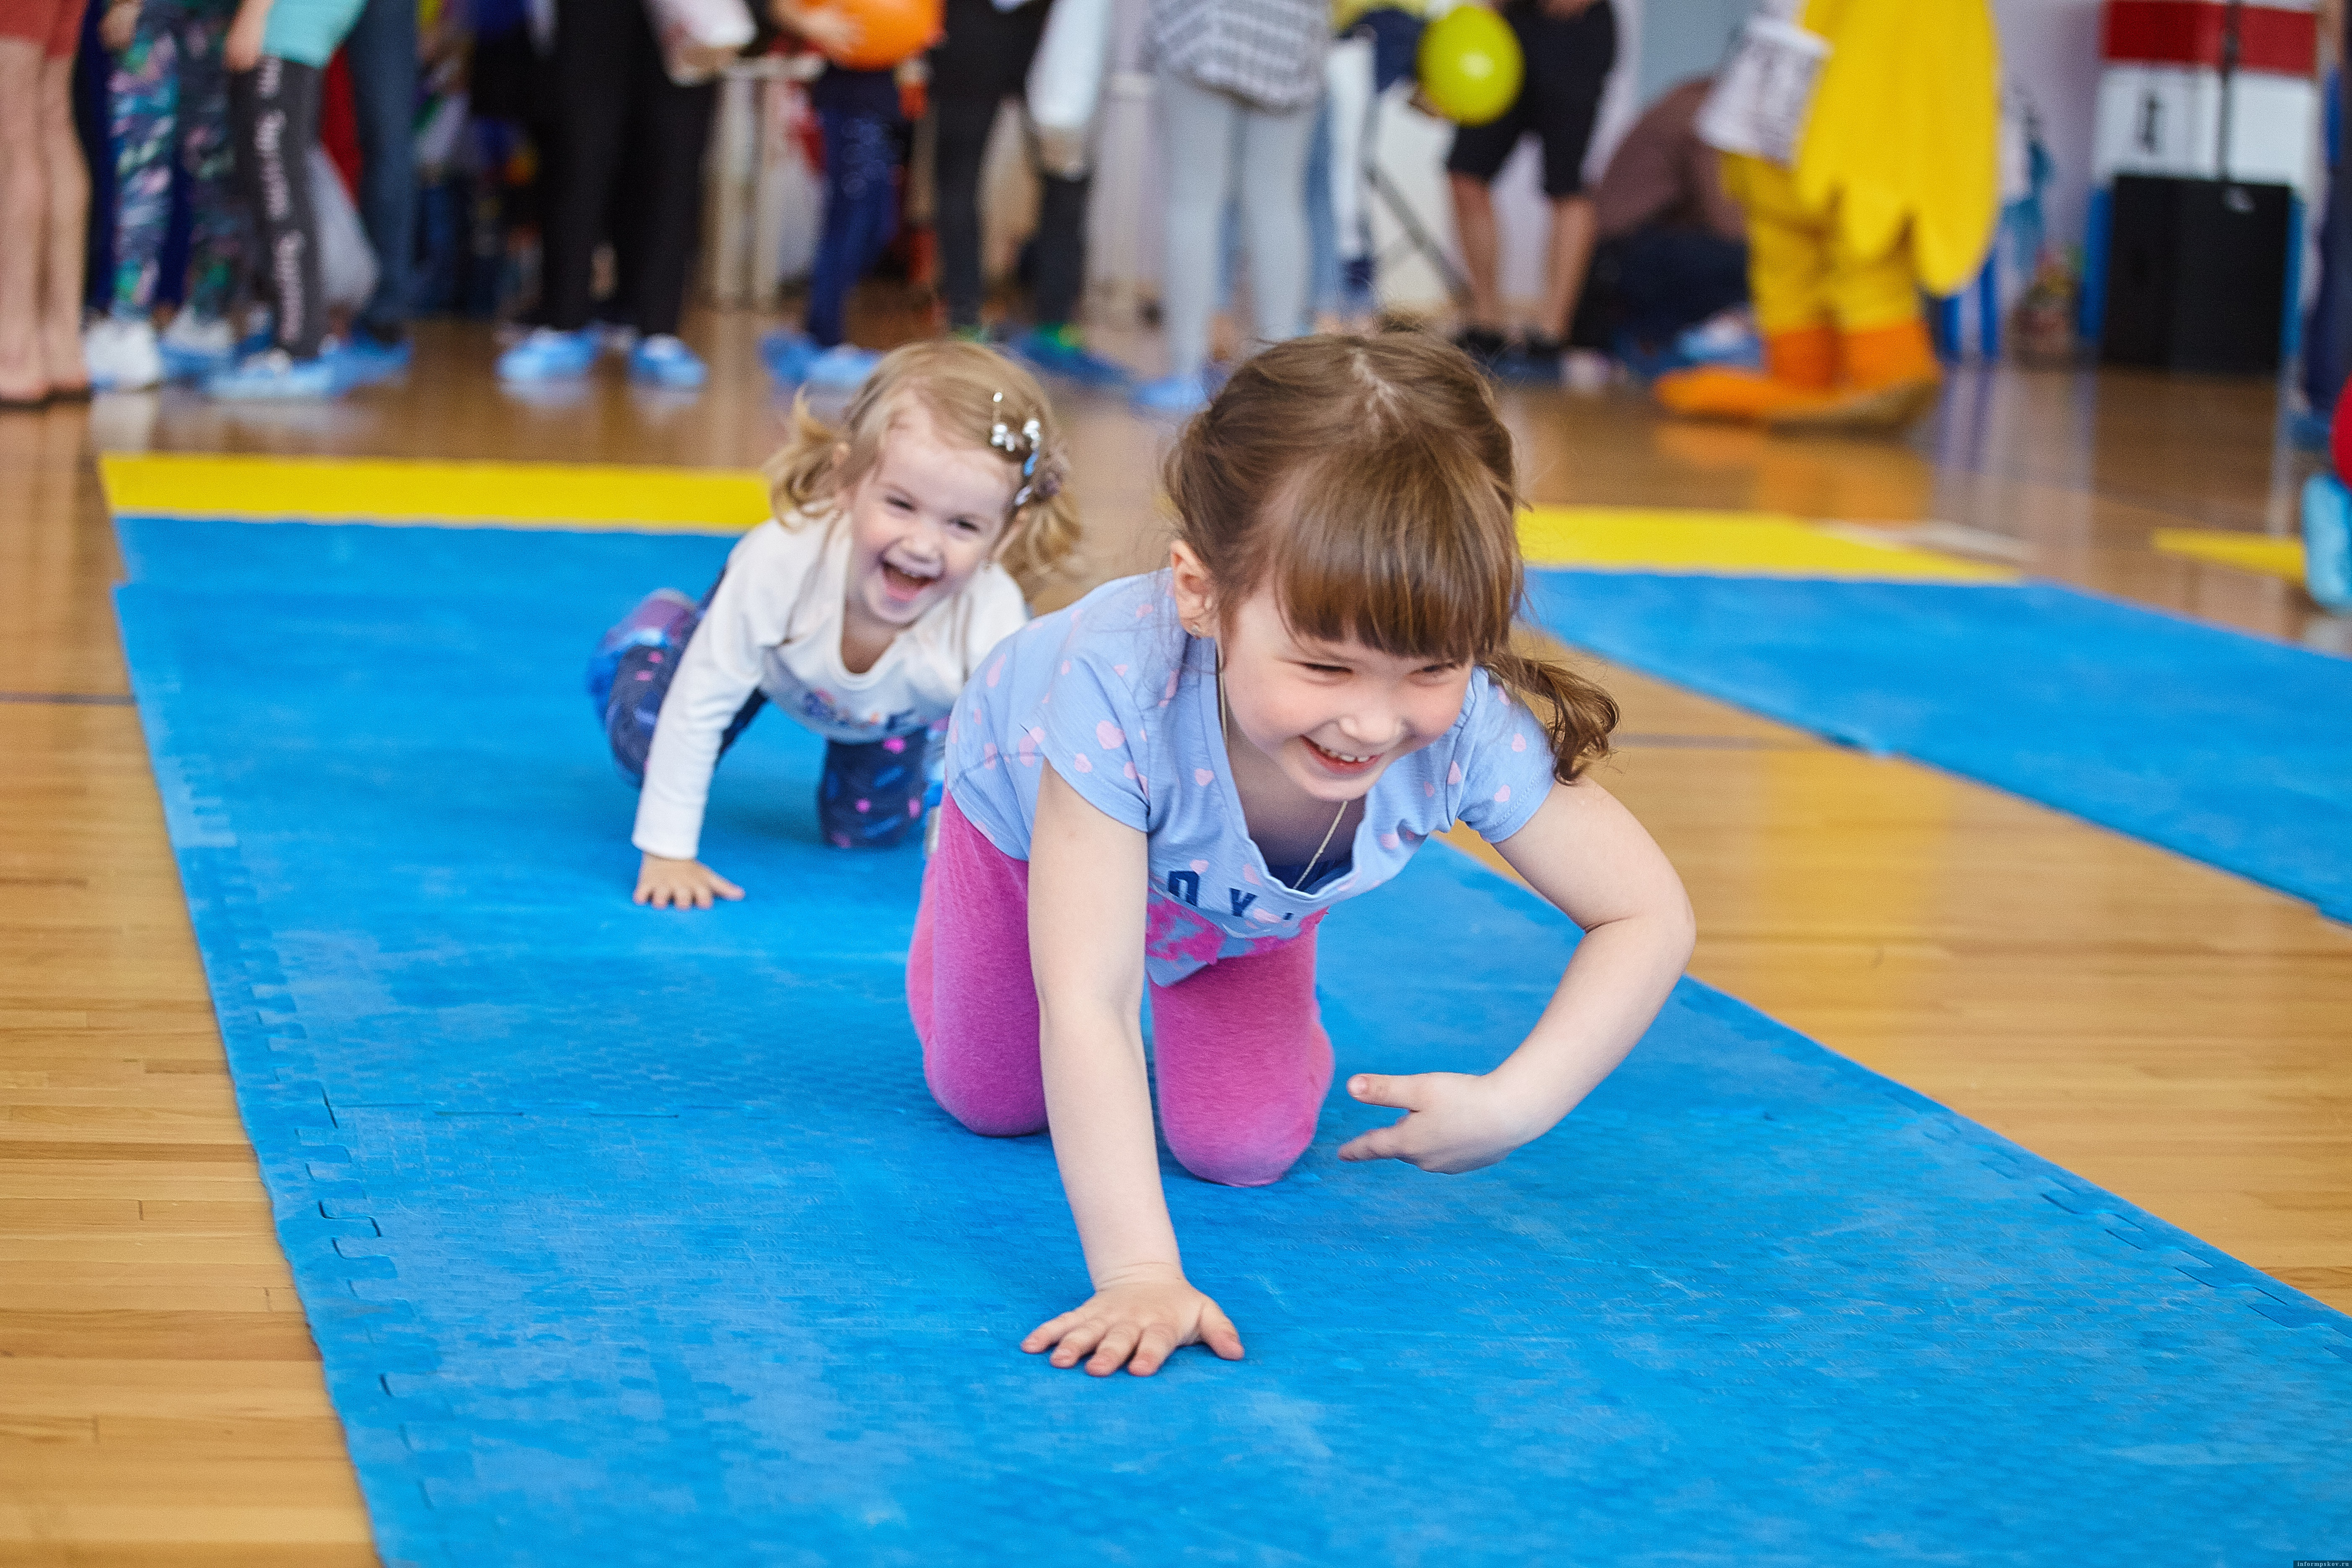 """Участниками праздника """"Маленький чемпион"""" в Пскове могут стать малыши в возрасте от 6 месяцев до 2,5 лет. Фото: Дарья Хваткова."""